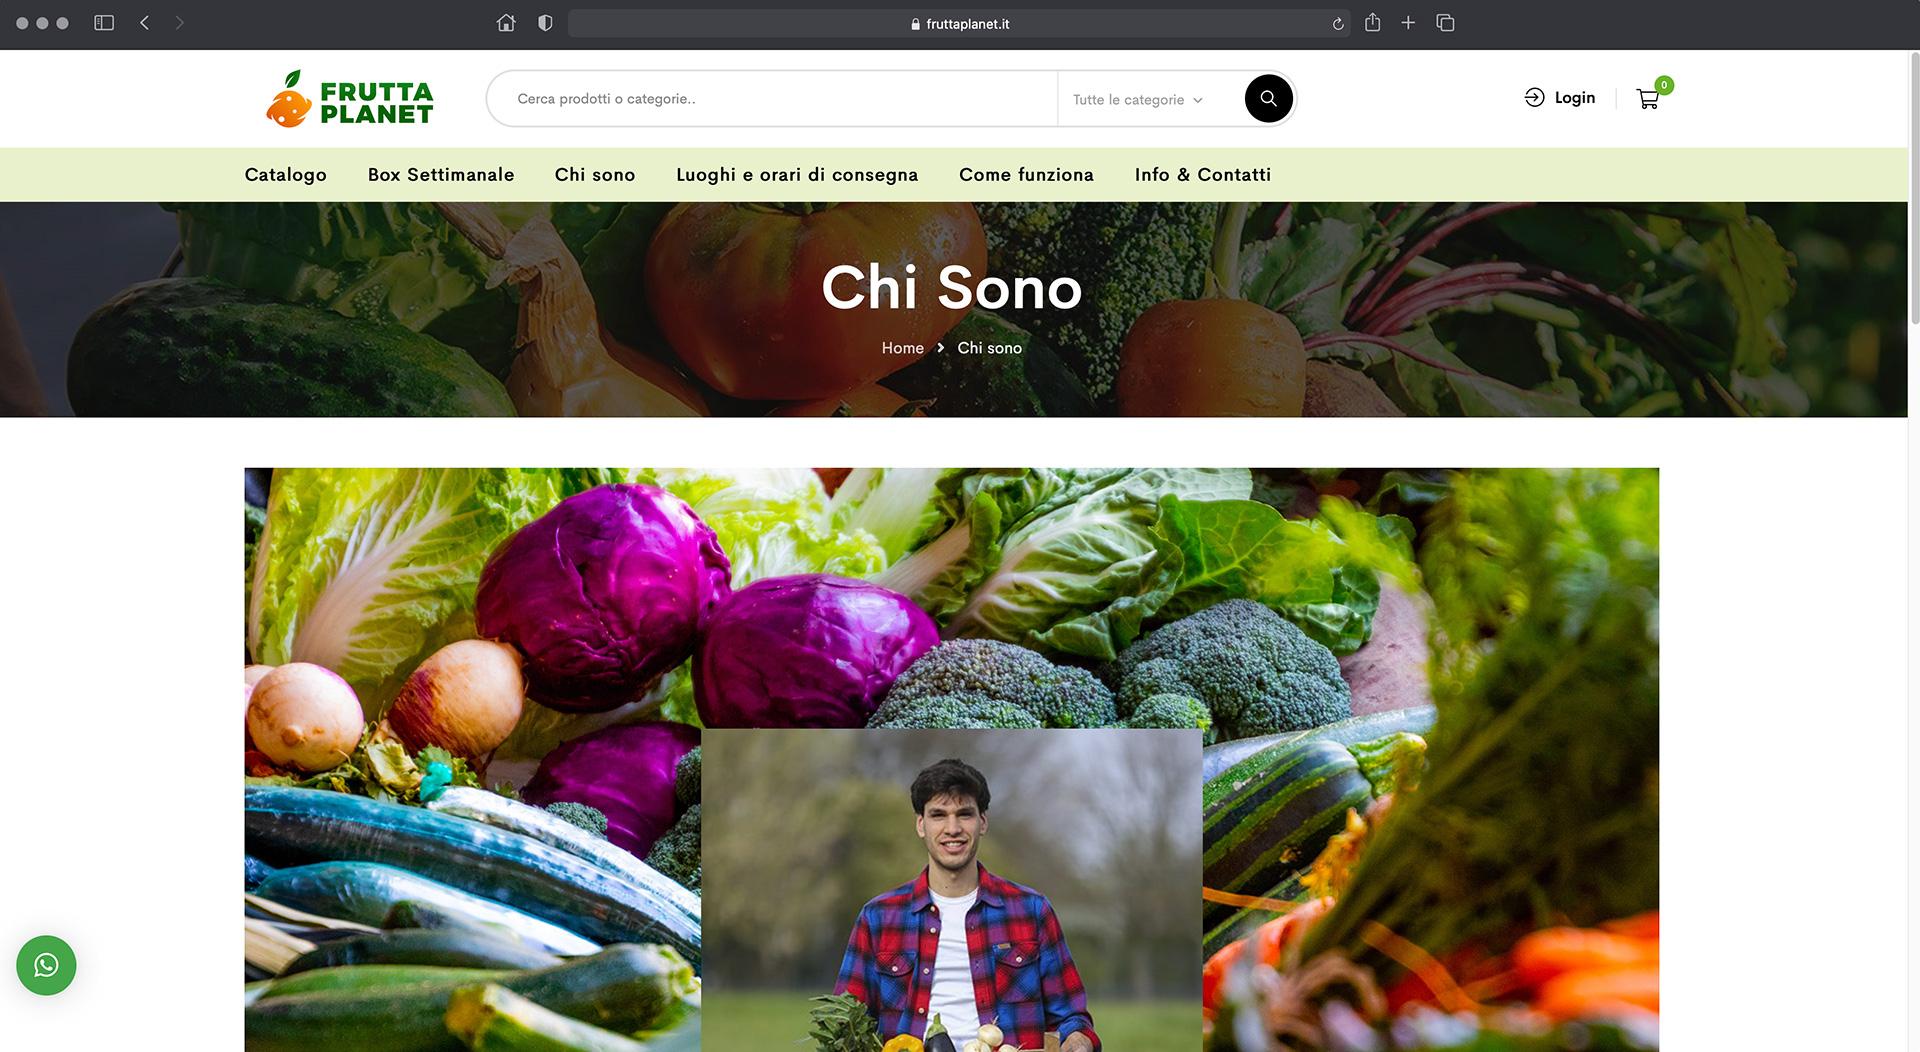 realizzazione-sito-web-ecommerce-fruttivendolo-negozio-frutta-online-brescia-mantova_07